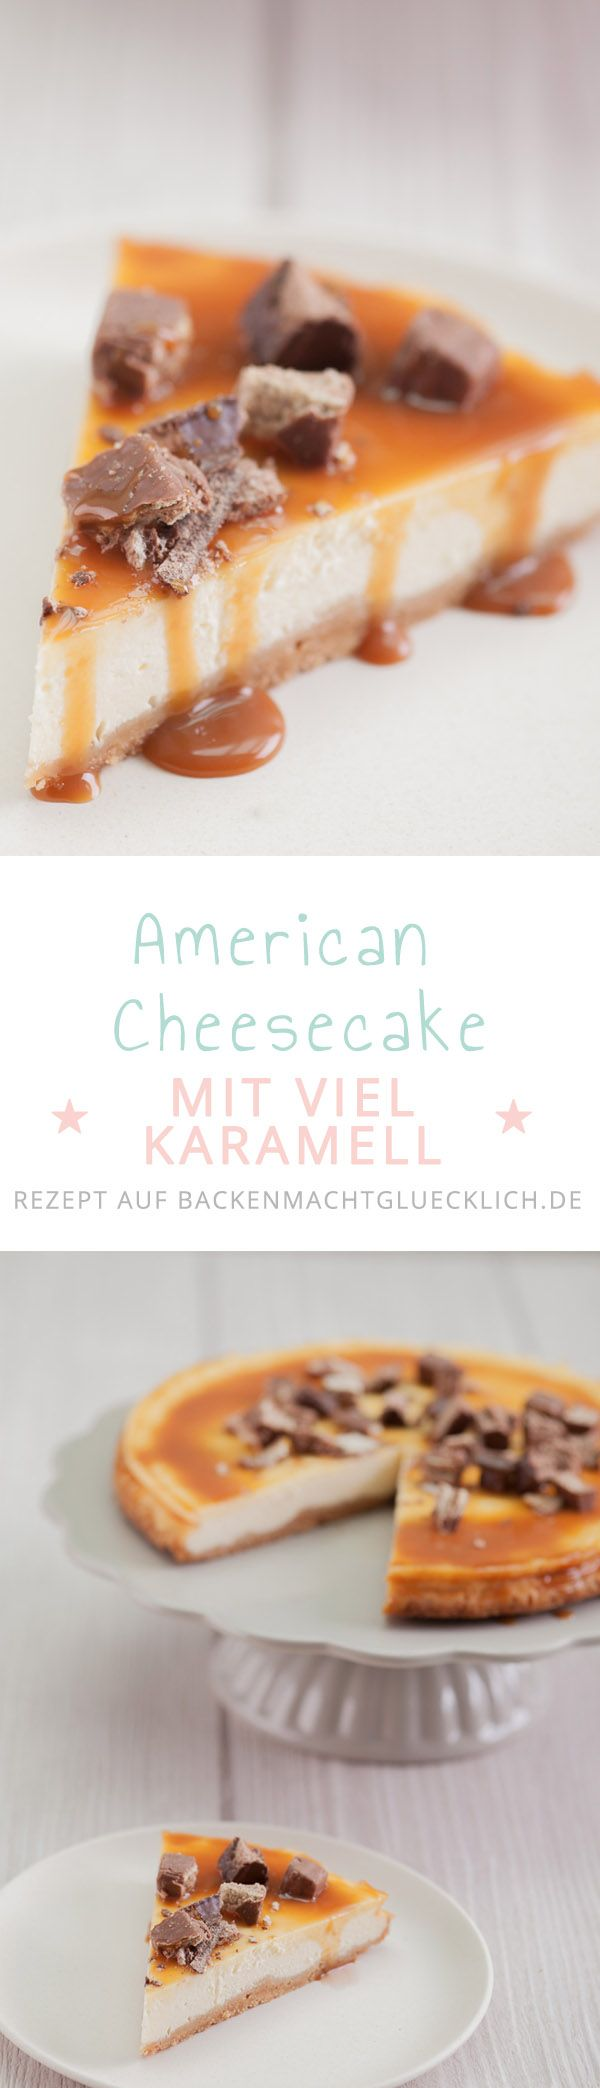 Caramel Cheesecake: Dieser American Cheesecake ist nicht nur wunderbar cremig; der Käsekuchen fällt garantiert nicht ein und wird durch das Karamell-Schoko-Topping zu einem ganz besonderen Genuss